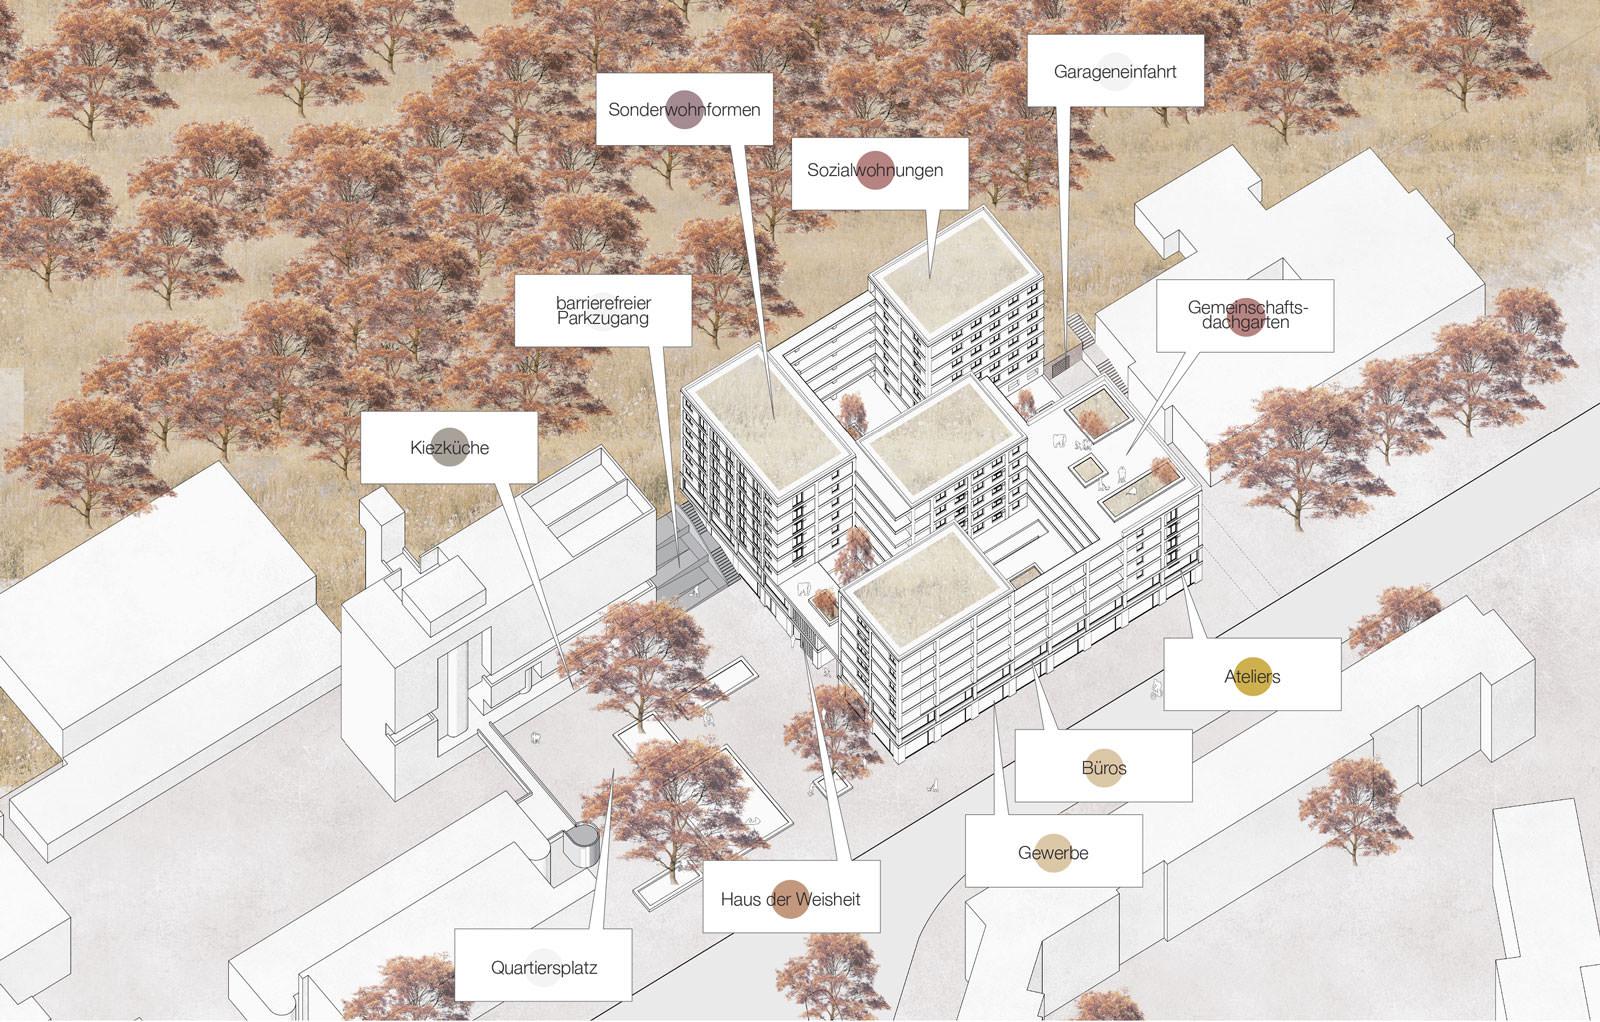 2. Platz im städtebaulichen Entwurfsverfahren für das Grundstück Rathenower Straße, Berlin-Moabit